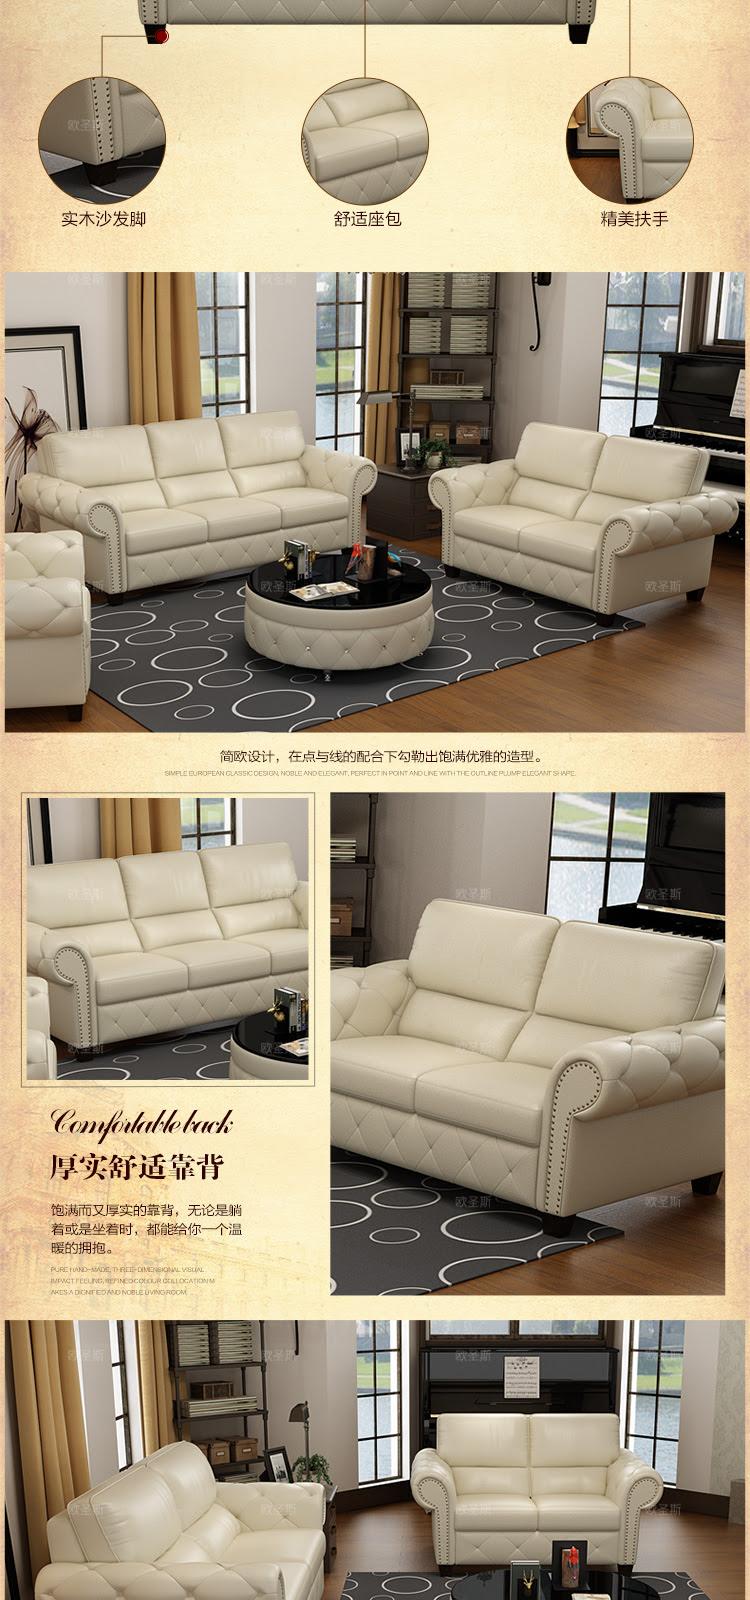 Mewah Royal Sofa Set Desain Baru Klasik Eropa Amerika Gaya Kulit